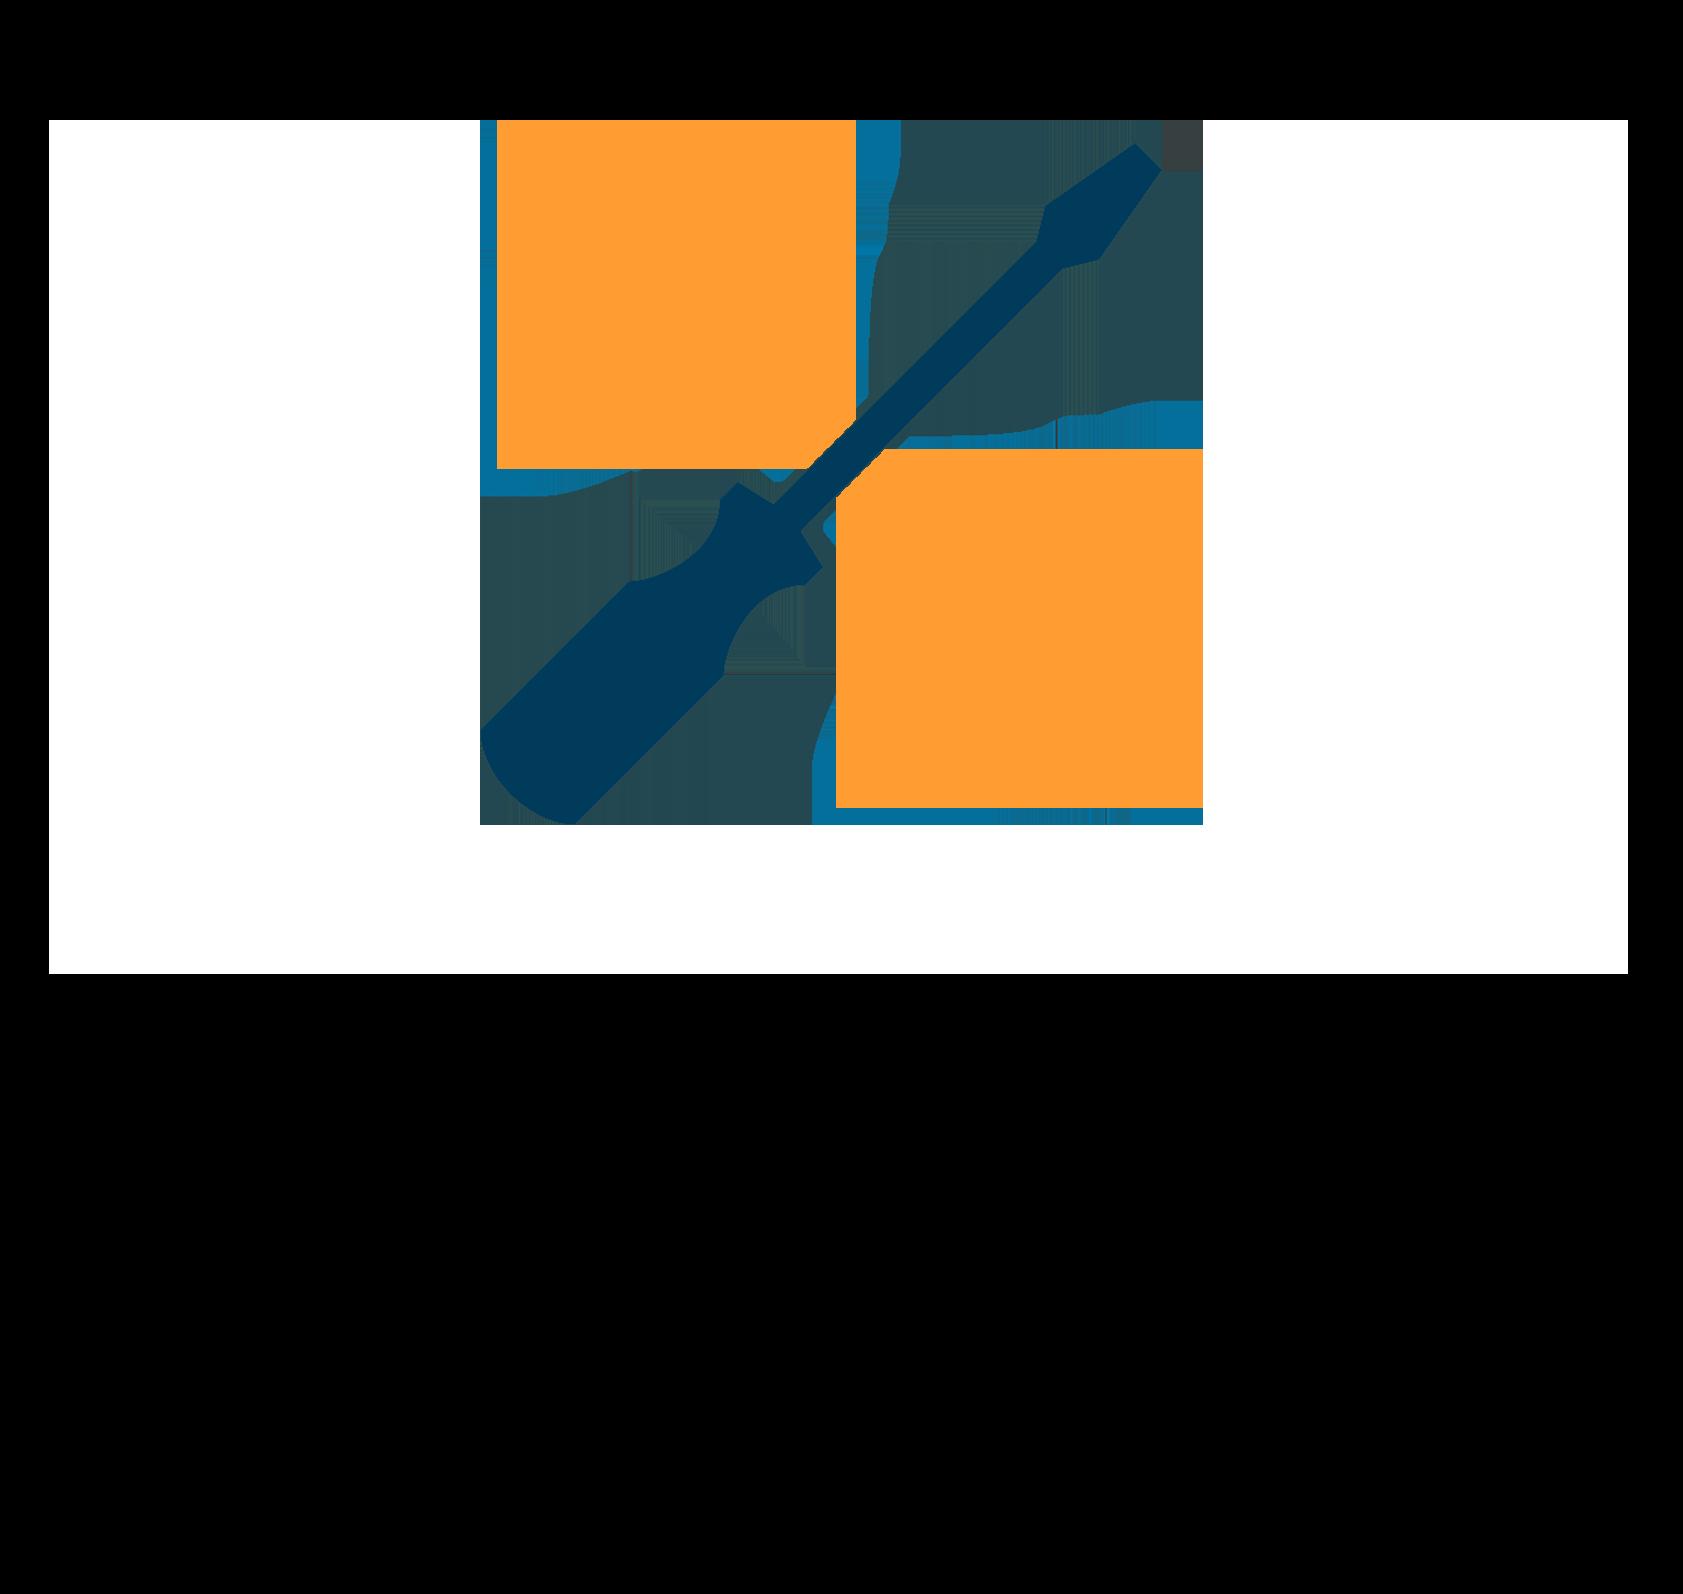 marques partenaires cimme formations techniques